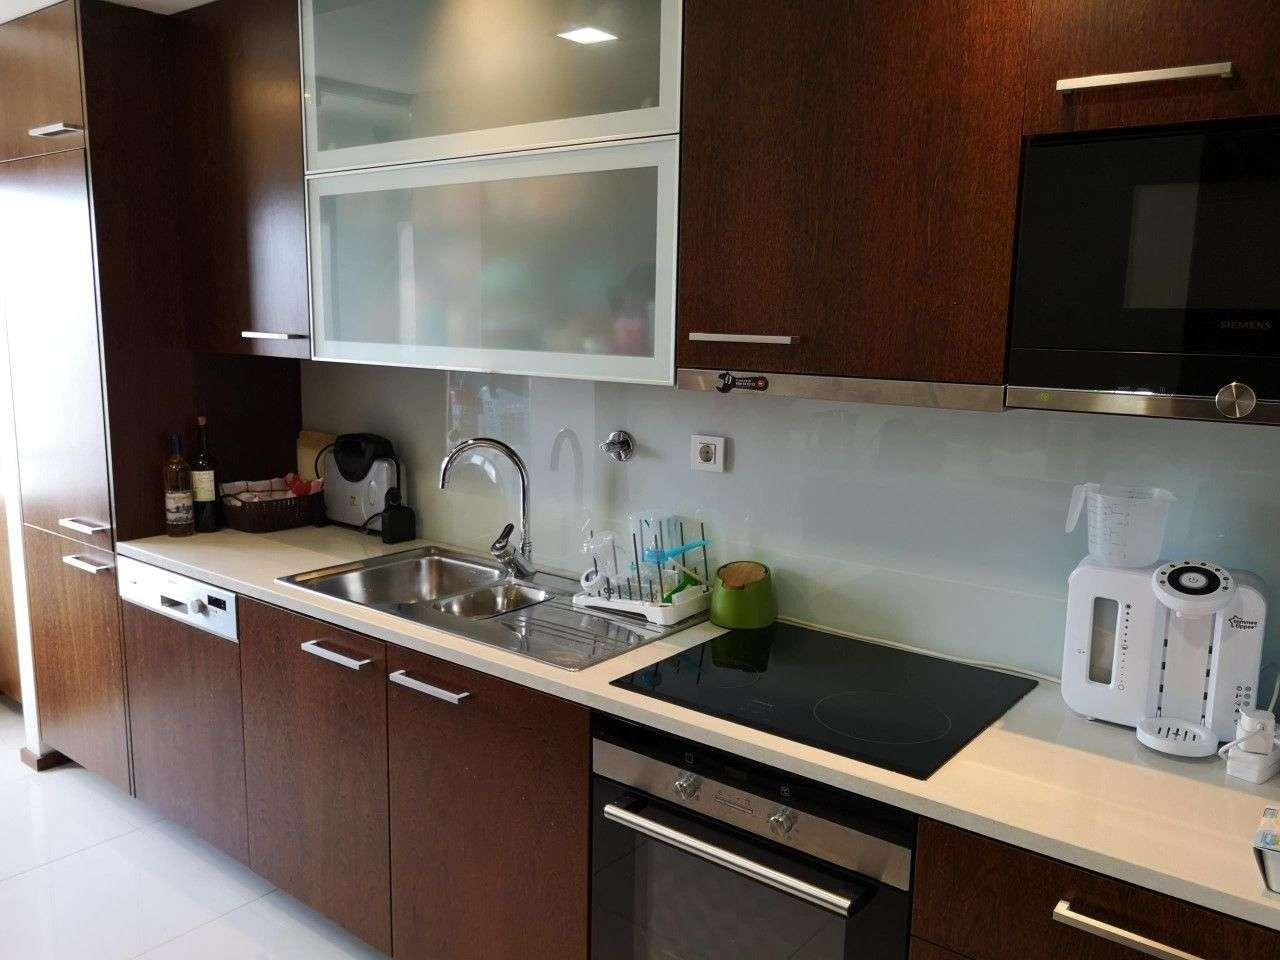 Apartamento para comprar, Rua Instituto de Cegos S Manuel, Cedofeita, Santo Ildefonso, Sé, Miragaia, São Nicolau e Vitória - Foto 2